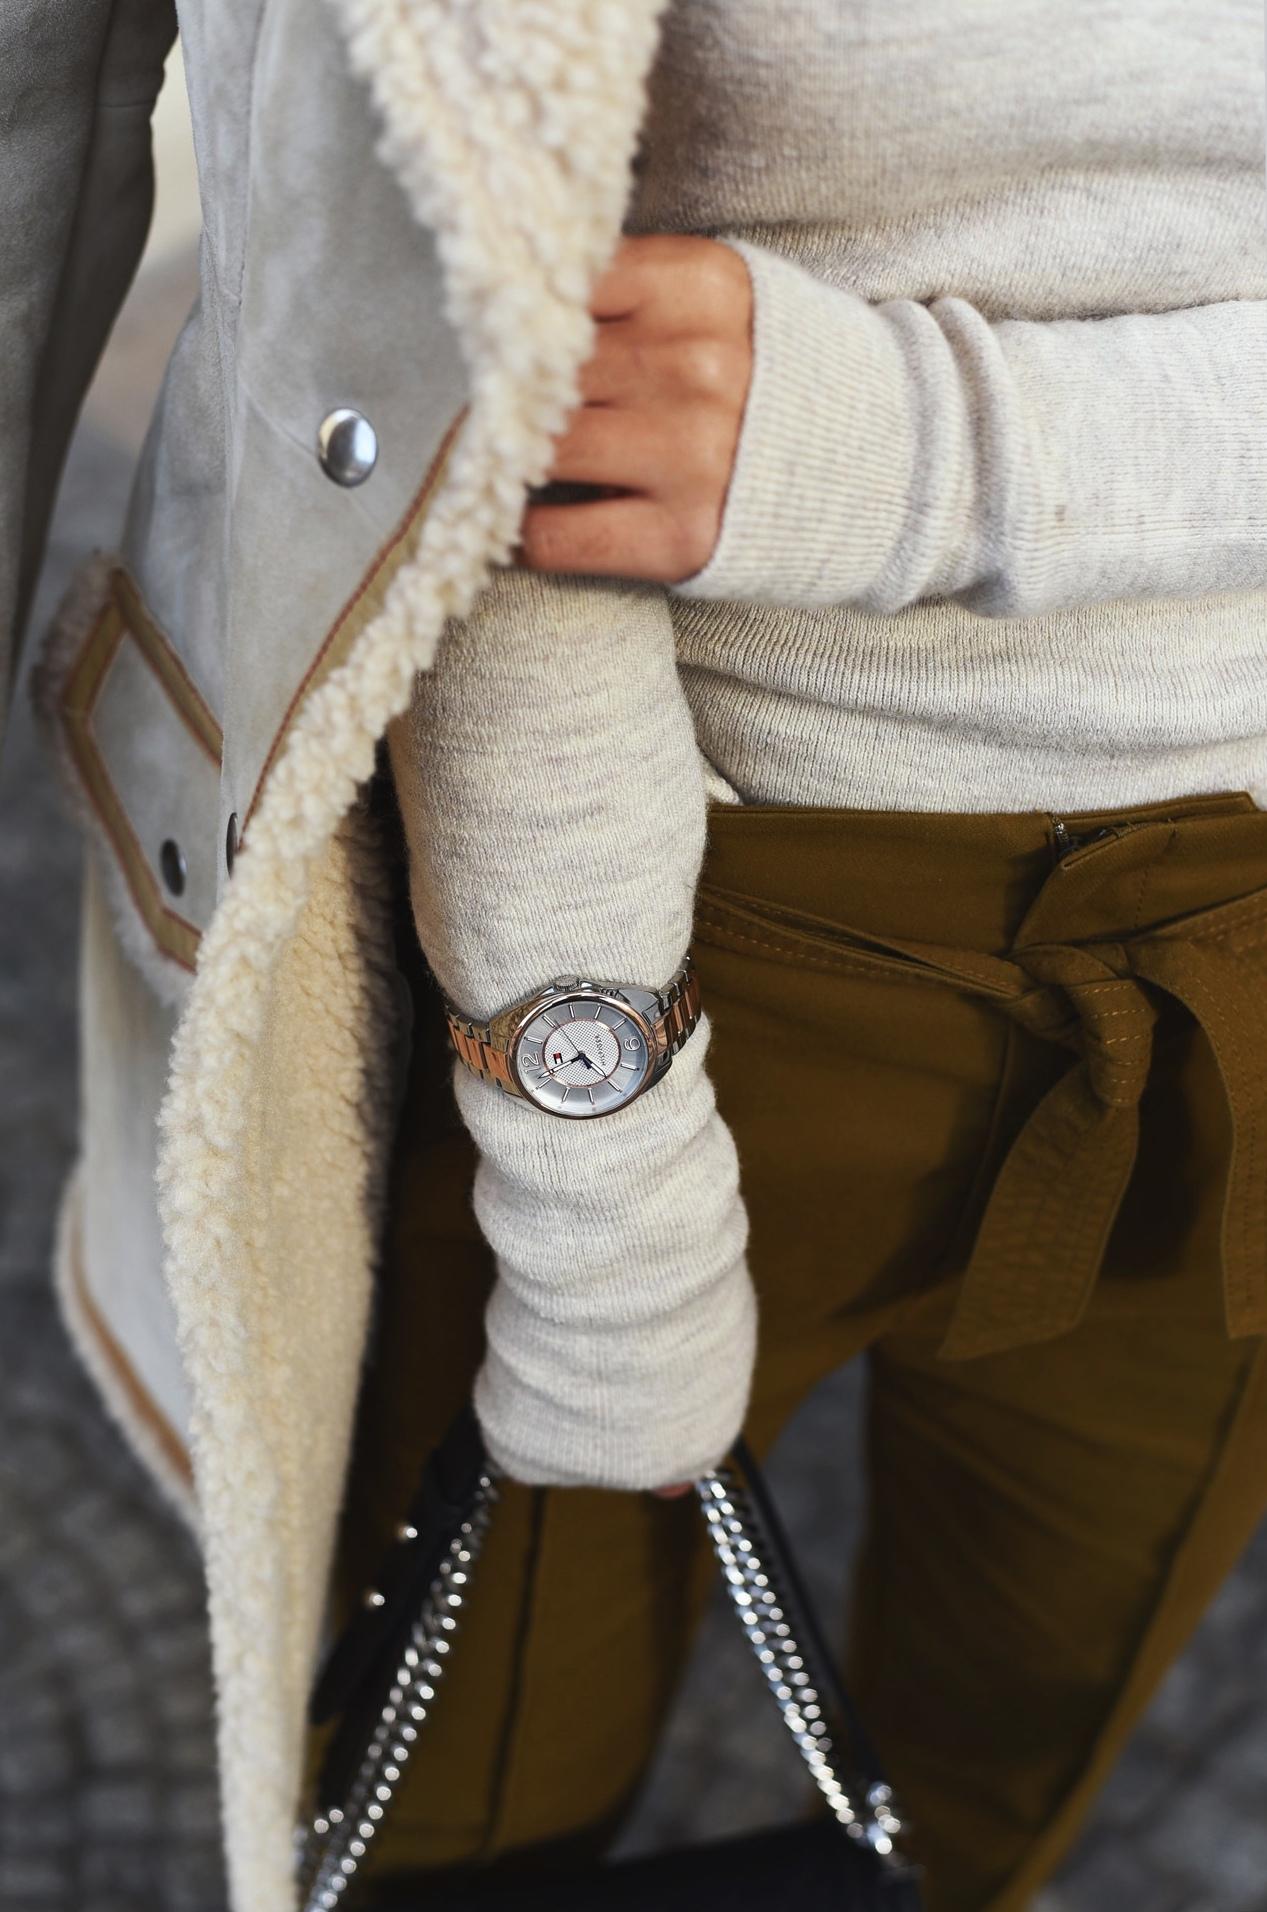 uhr-ueber-pullover-tragen-winter-trend-2016-accessoires-im-winter-kombinieren-fashiioncarpet